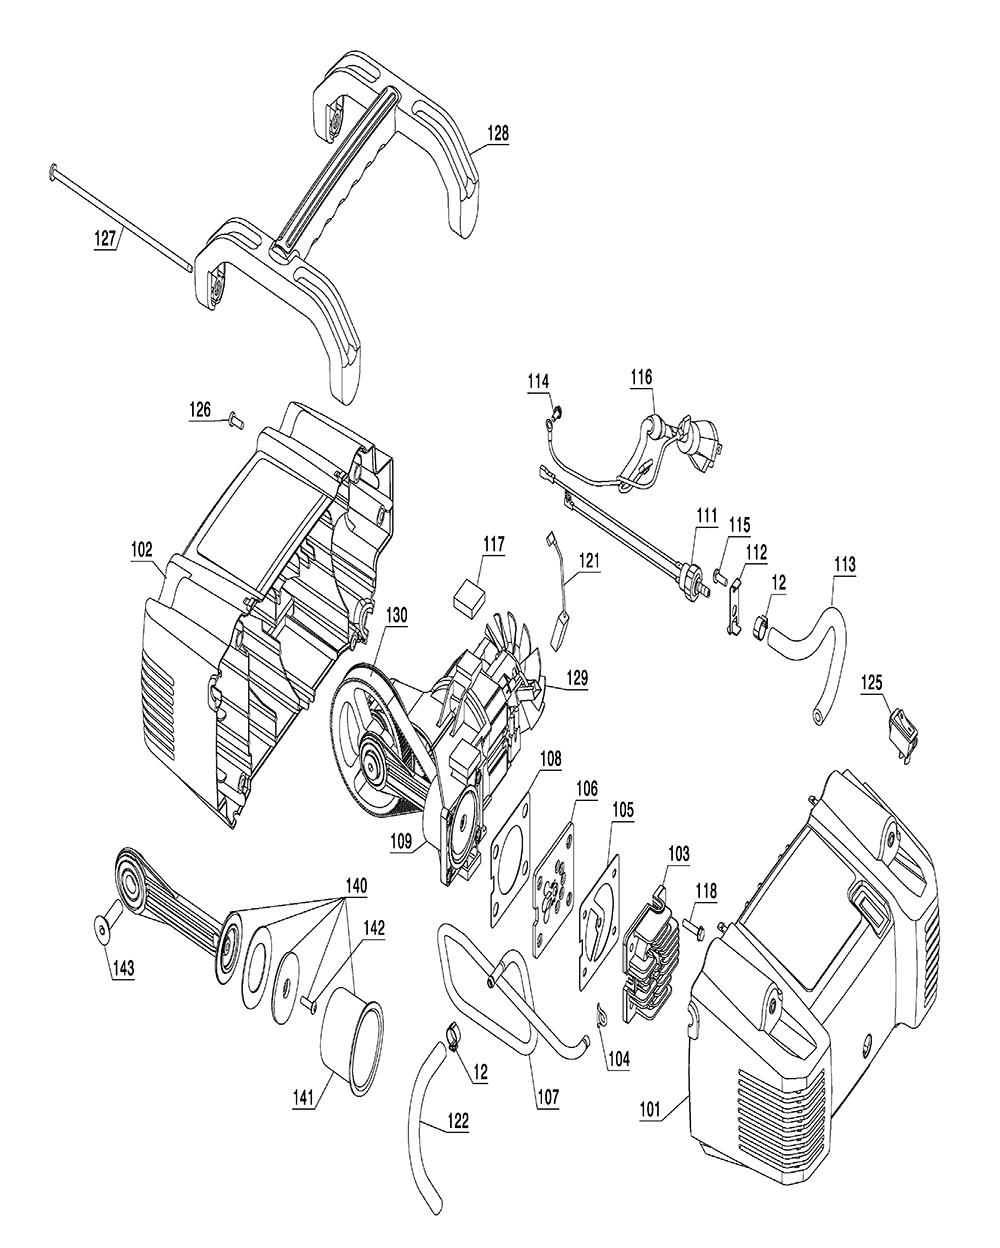 D2002M-WK-Dewalt-T3-PB-1Break Down